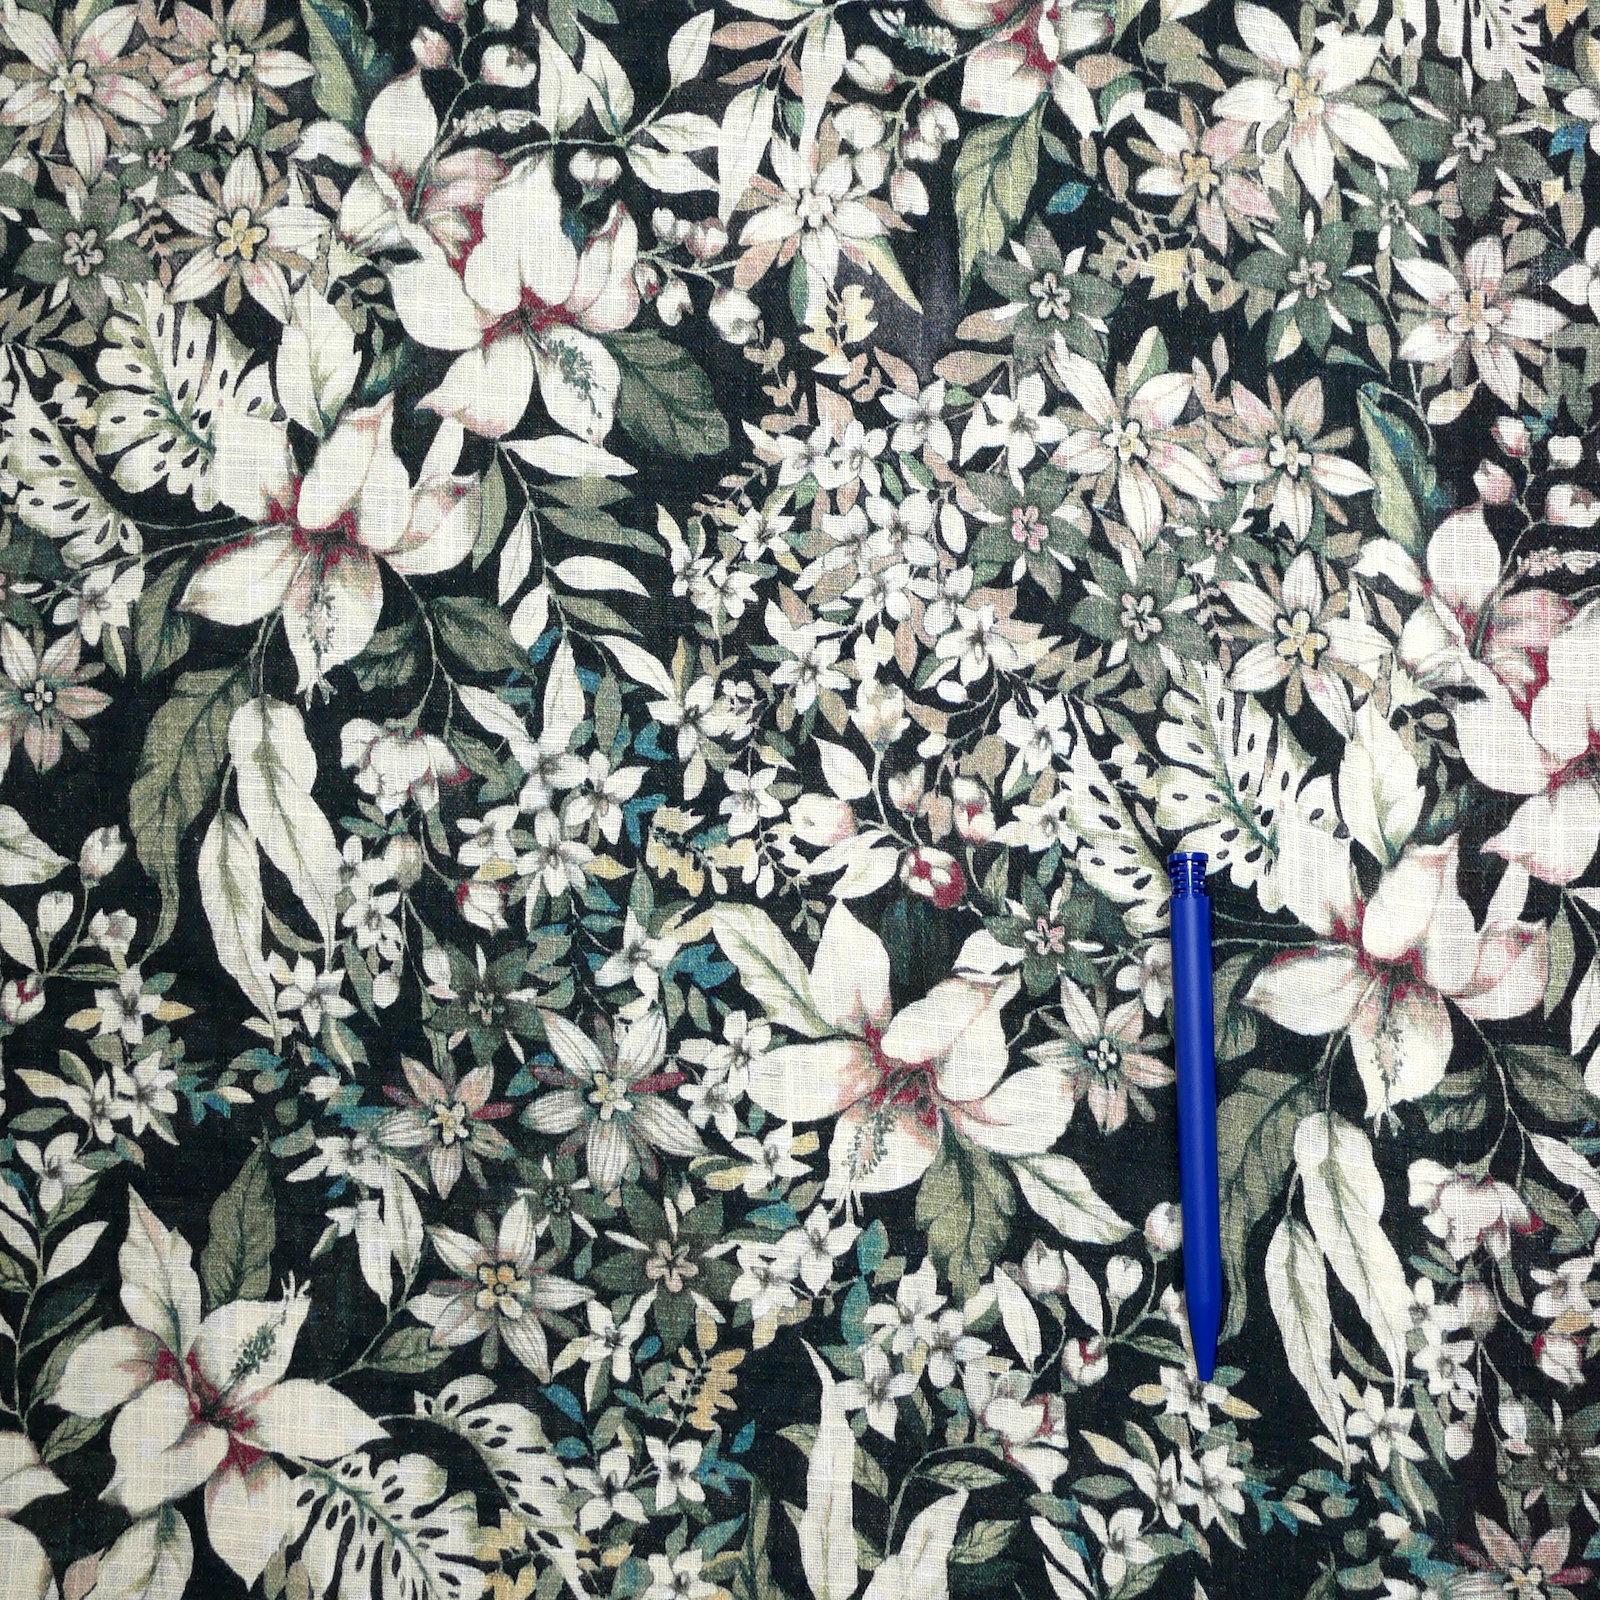 2c9da6b87d19a1 Blumenwiese aus verschiedenen Blumen in weiß auf schwarz